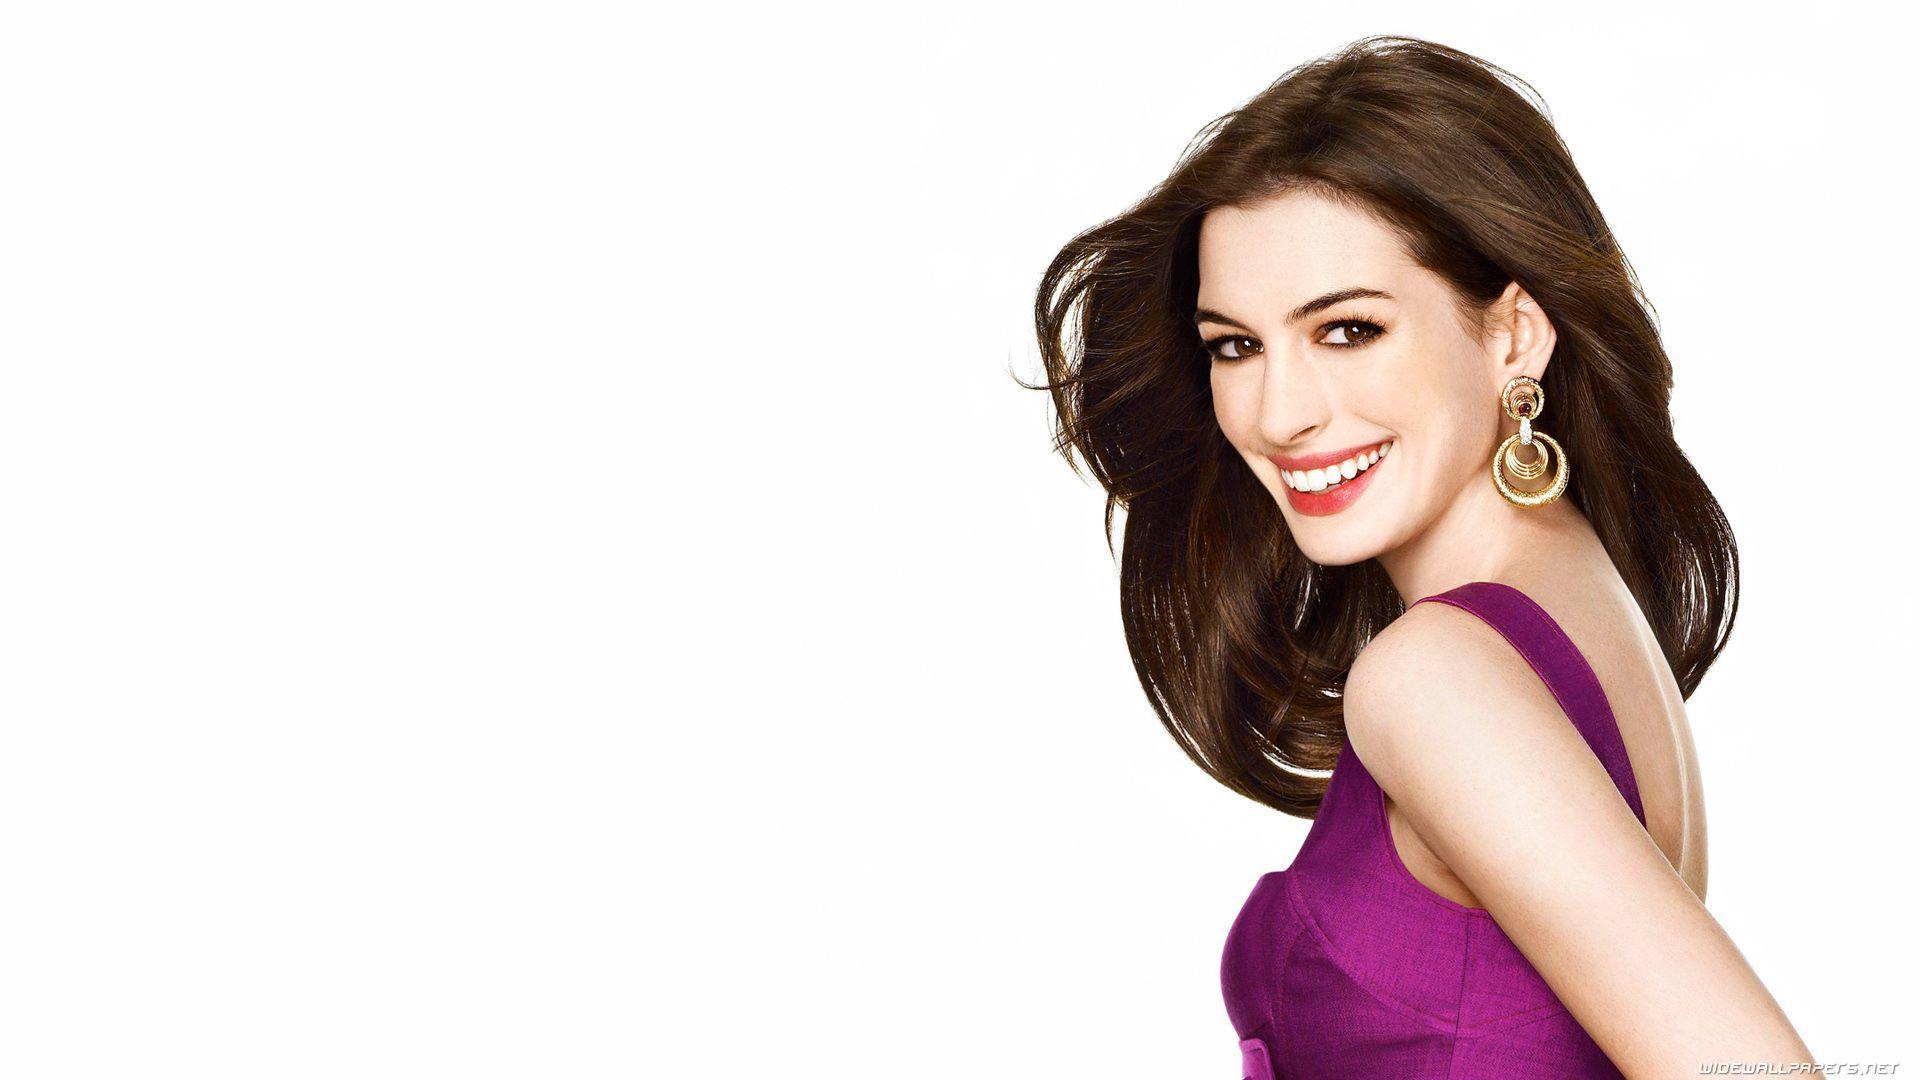 Anne Hathaway Desktop Wallpaper